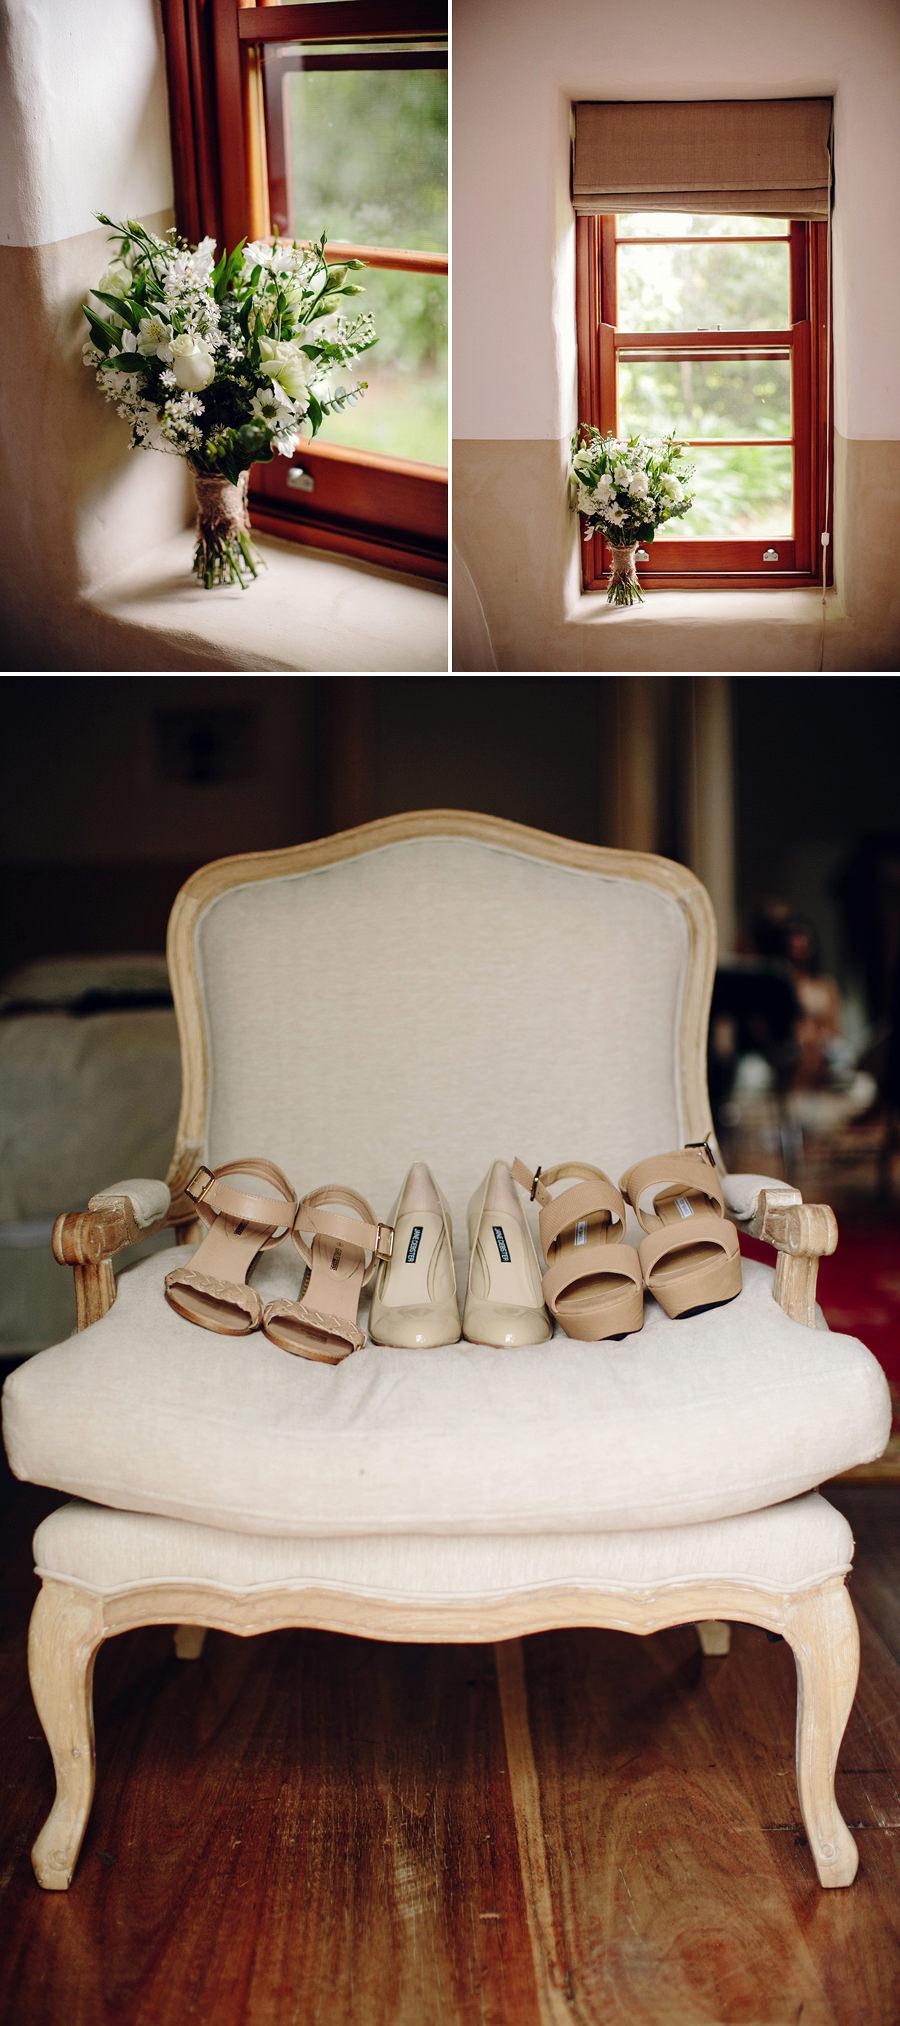 Orara Valley Wedding Photographer: Details